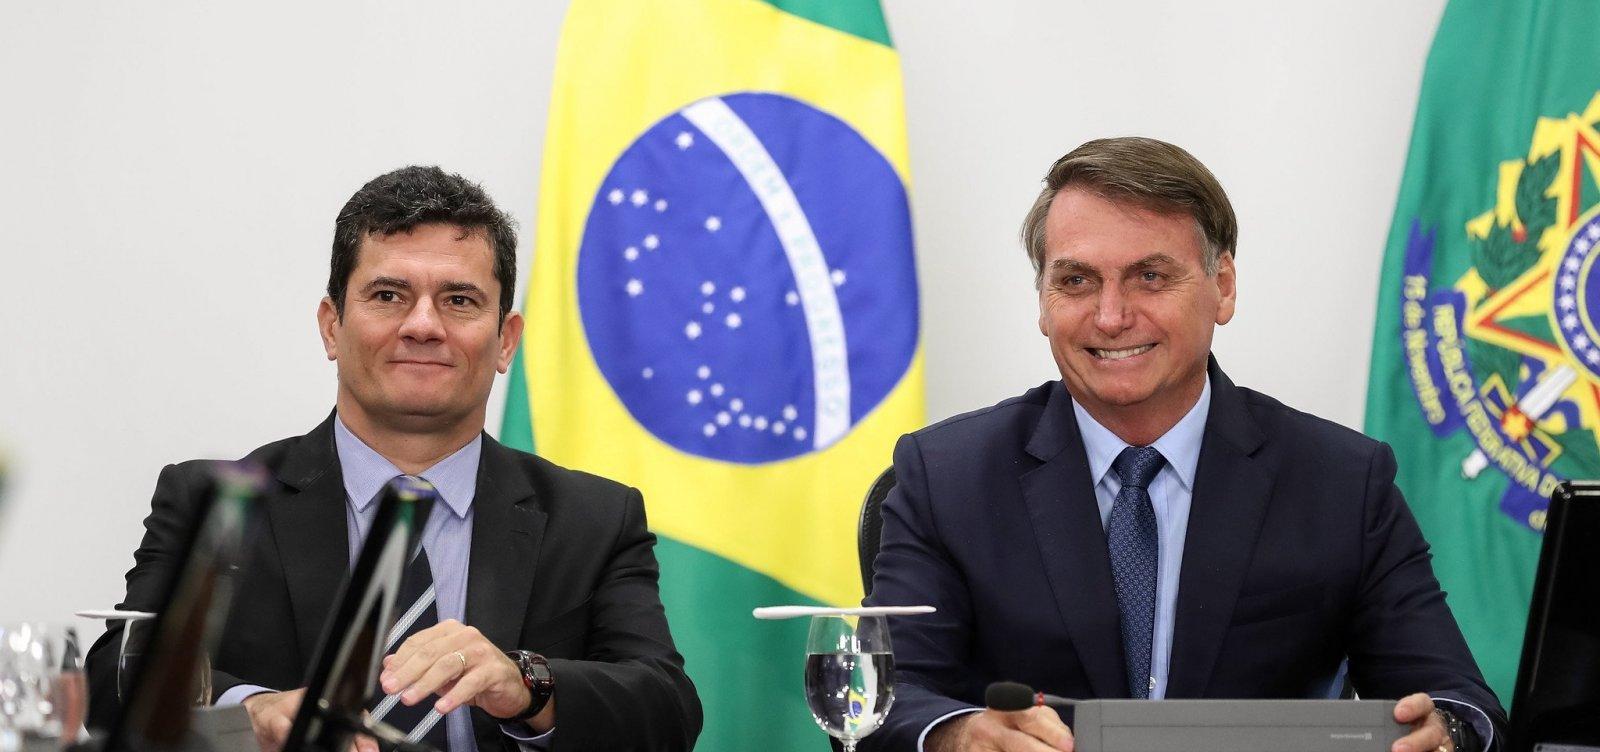 [Em silêncio sobre morte de ex-PM, Bolsonaro defende Moro e diz que PSOL protege milícia]